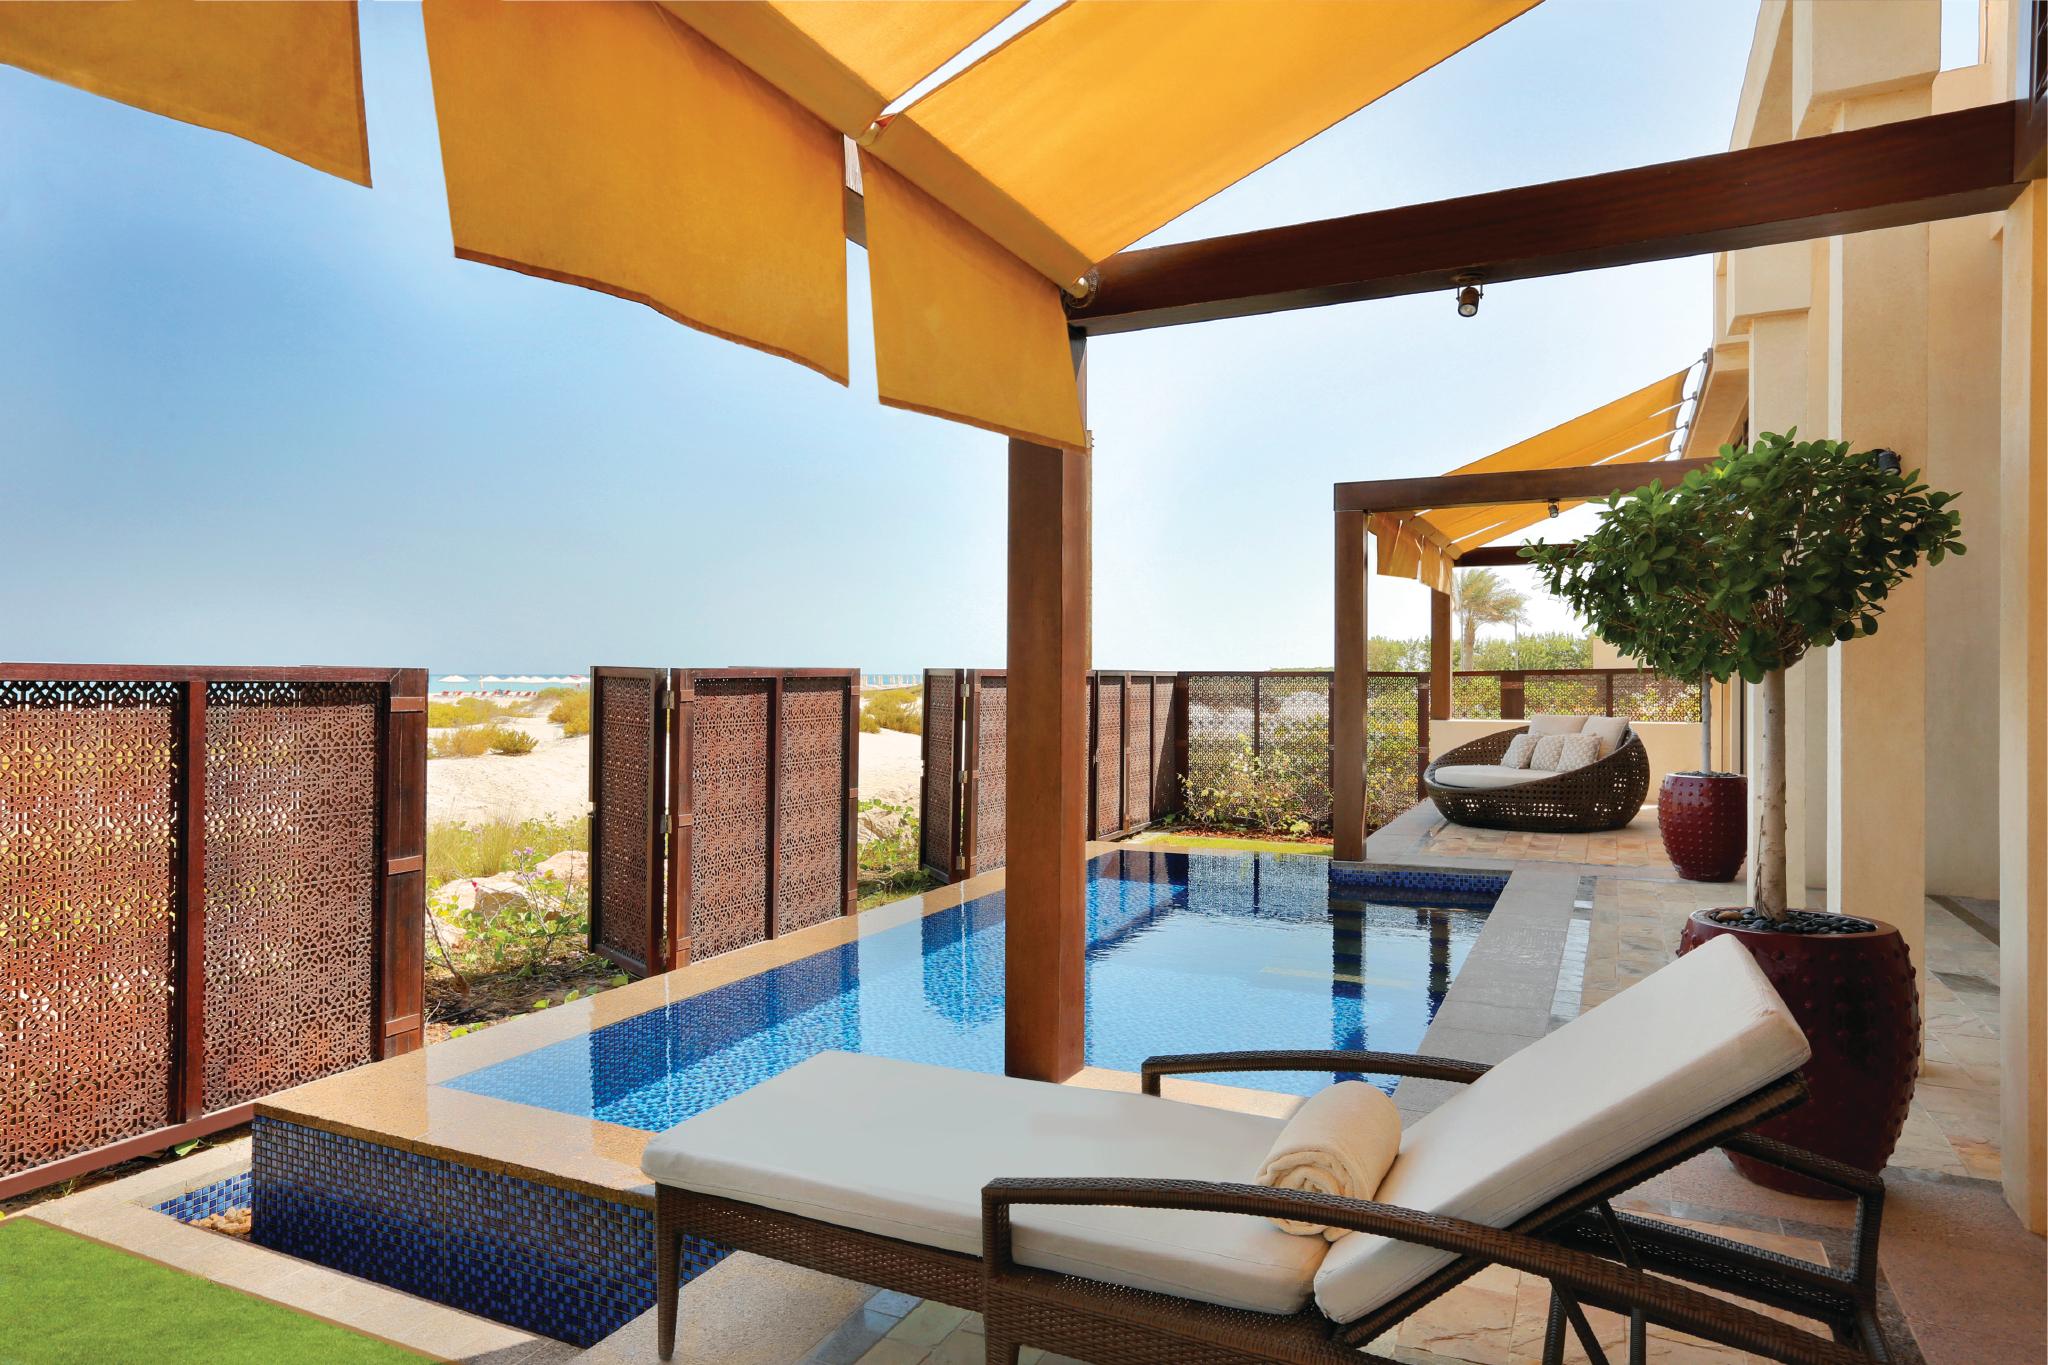 Immense ville - Dotate di un'ampia terrazza esterna con piscina privata ed un'unica terrazza da pranzo con una magnifica vista sul Mar Arabico.